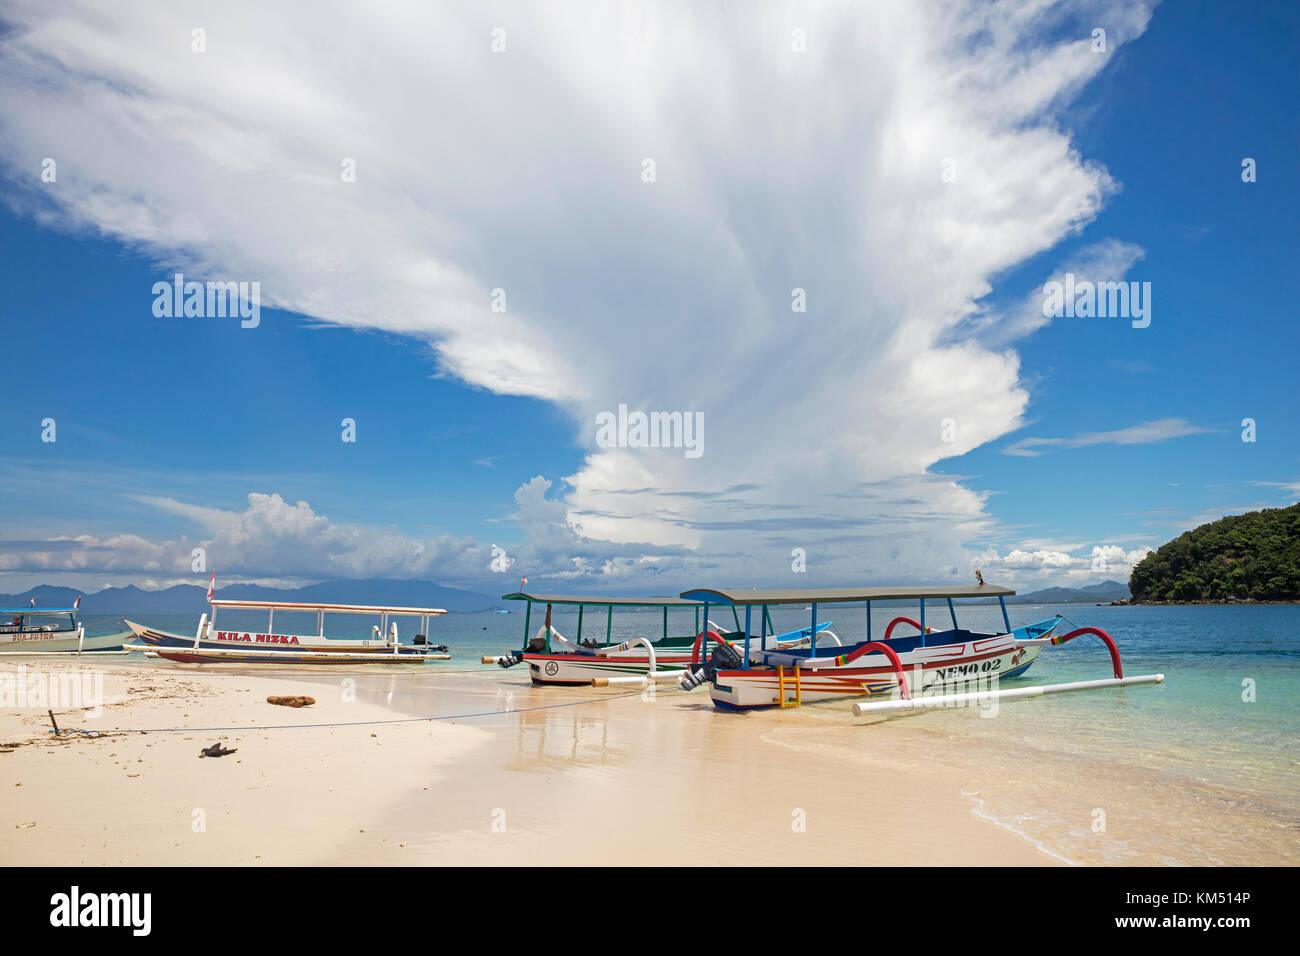 Outrigger embarcaciones turísticas de playa tropical idílico del islote gili nanggu, parte de las Islas Gili, isla Lombok, Lesser Sunda Islands, indonesia Foto de stock